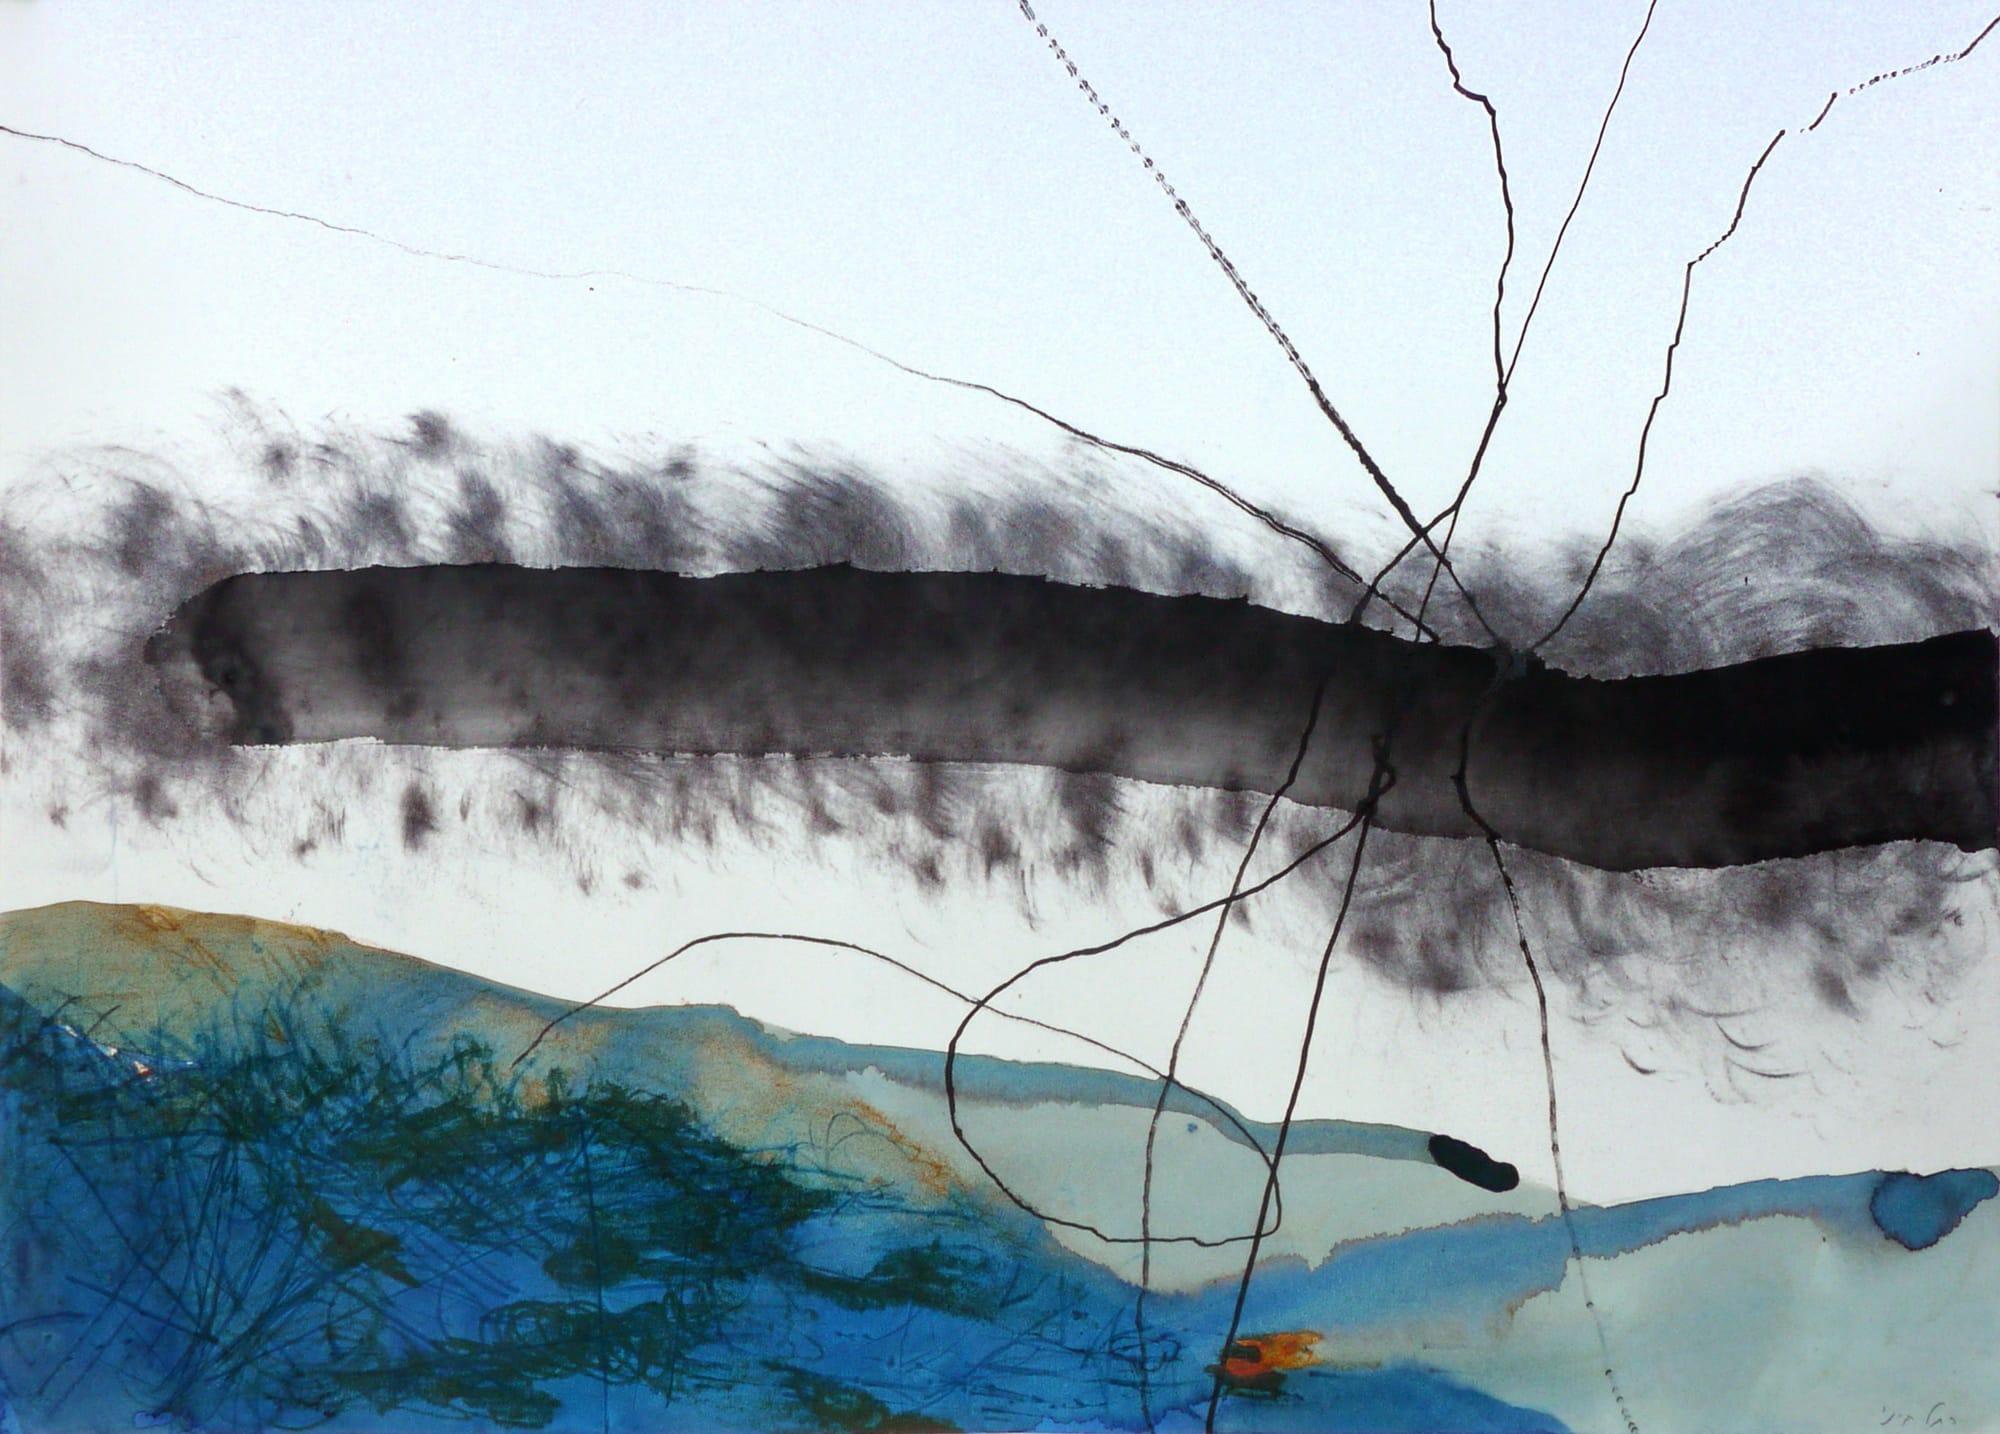 רחל קיני, ללא כותרת, 2015, טכניקה מעורבת על נייר